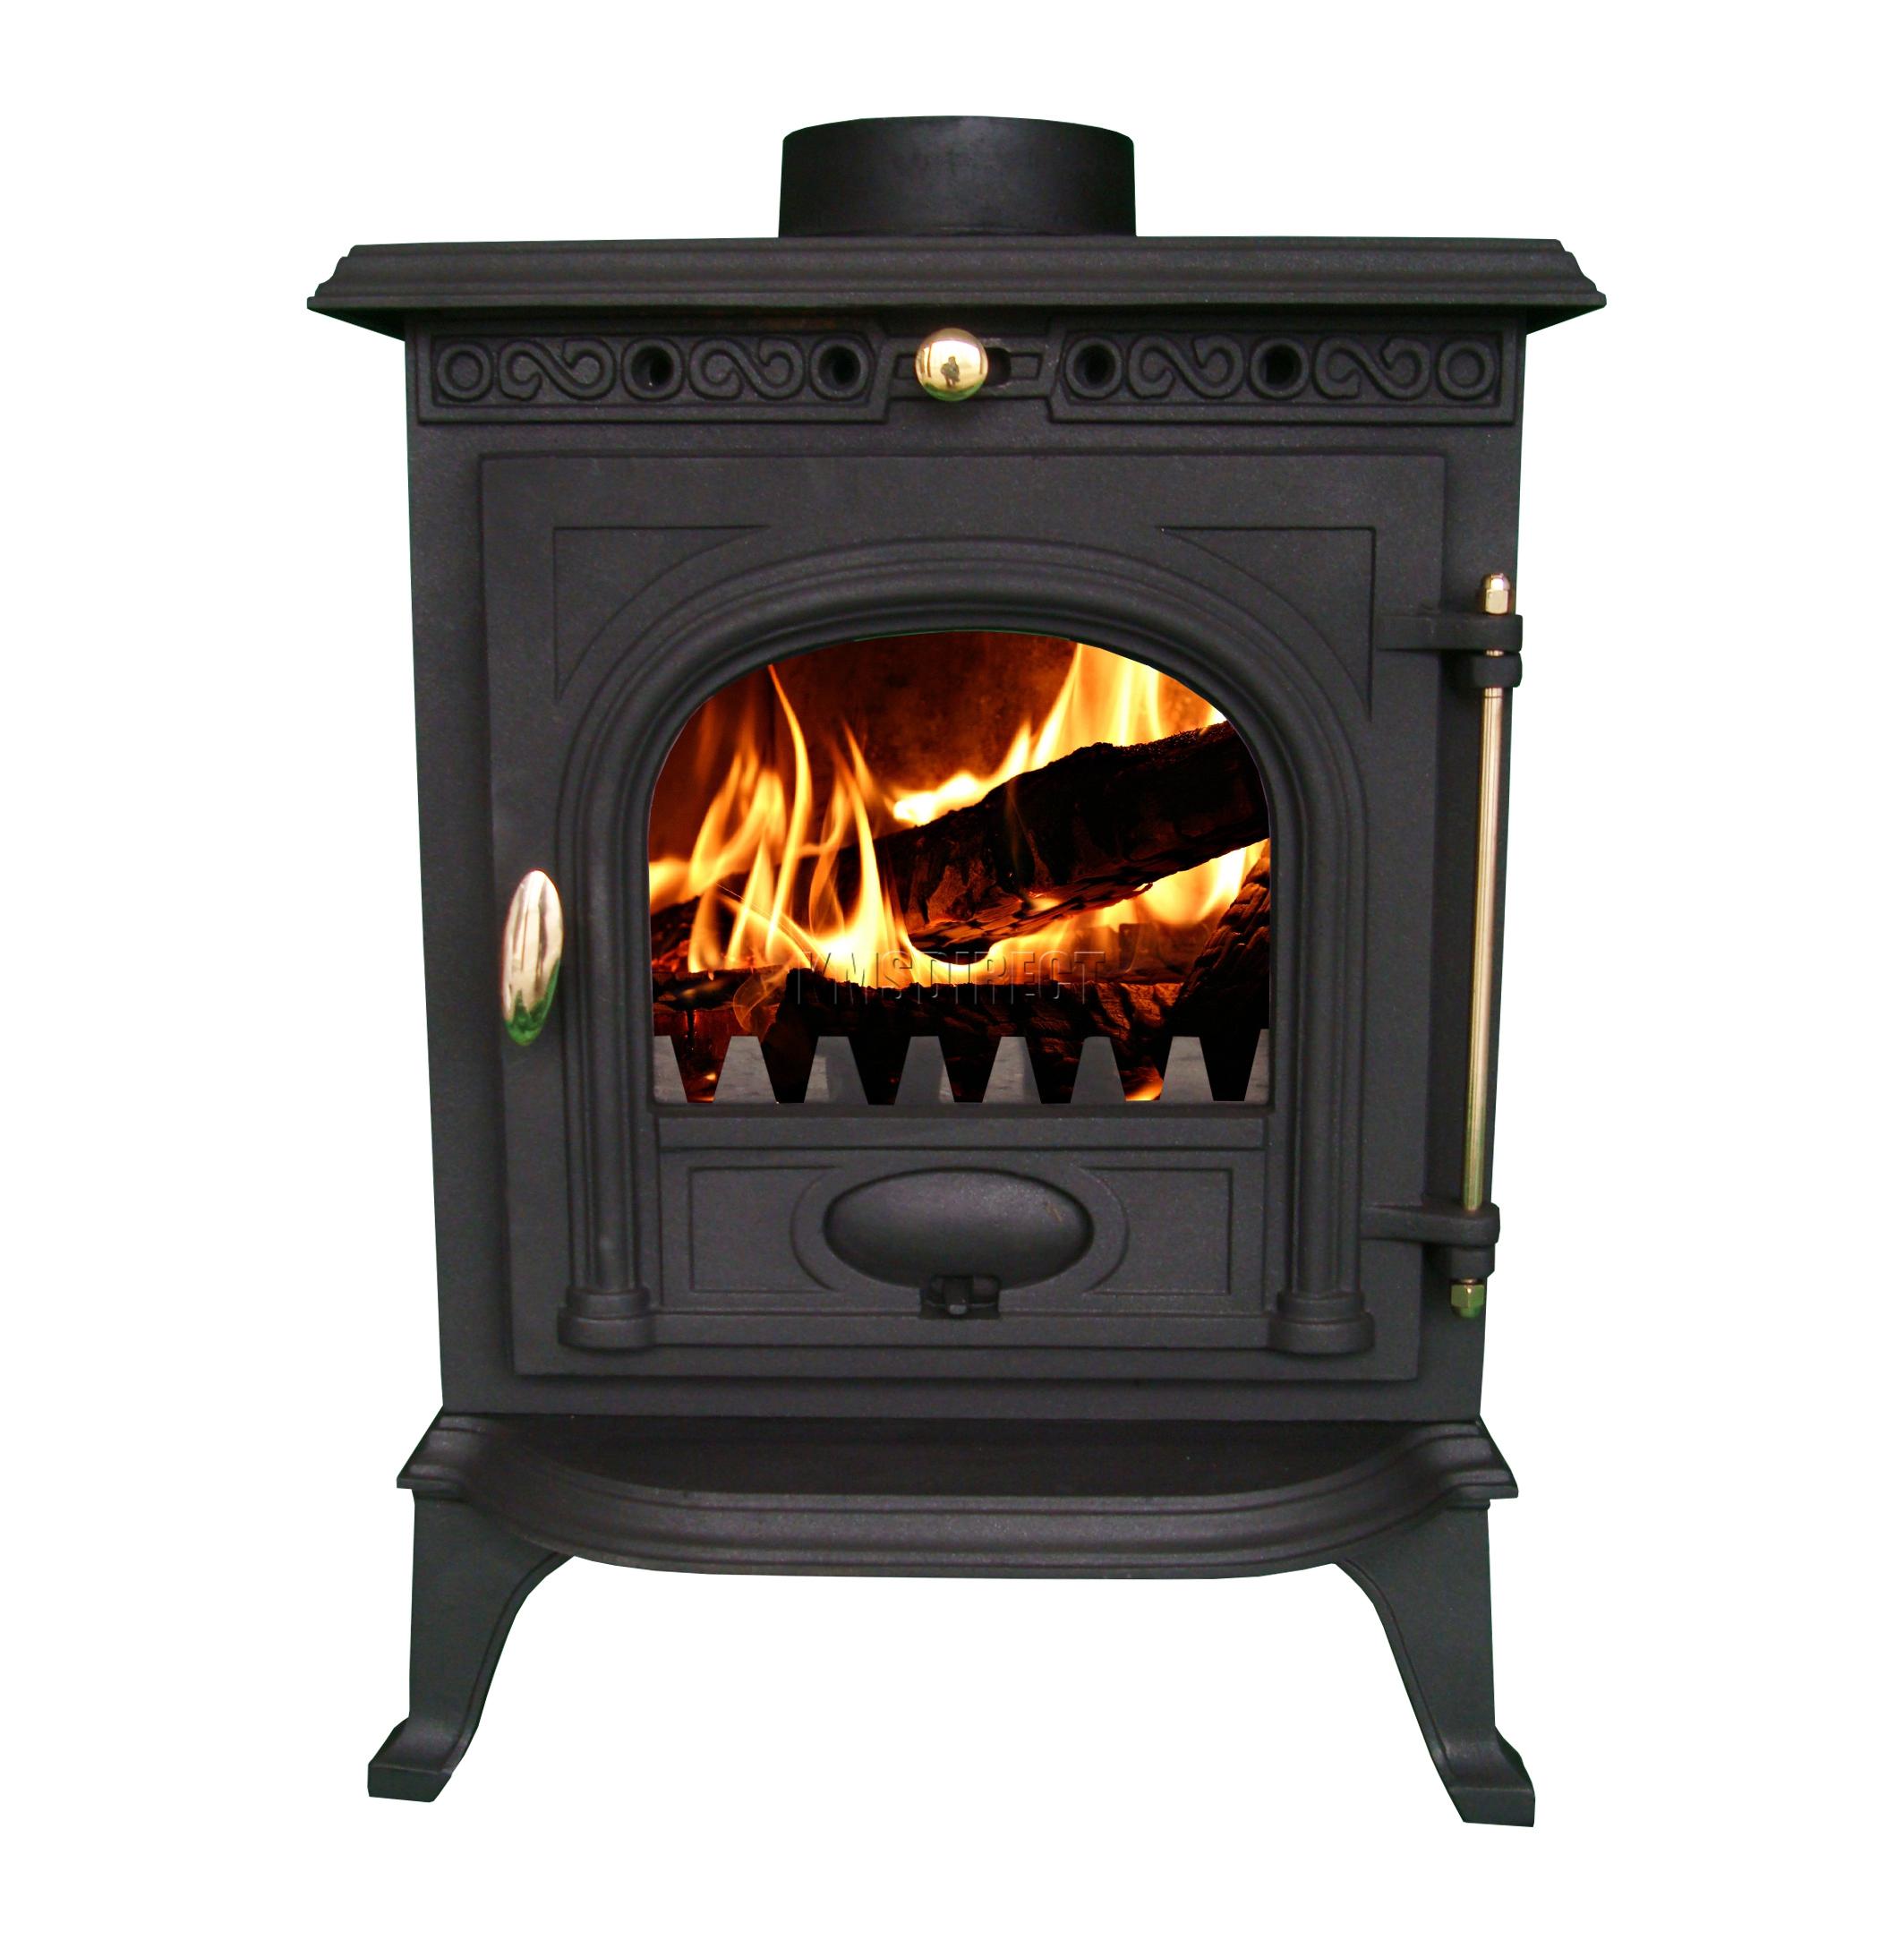 New Cast Iron Log Burner Multifuel Wood Burning 6 Kw Stove